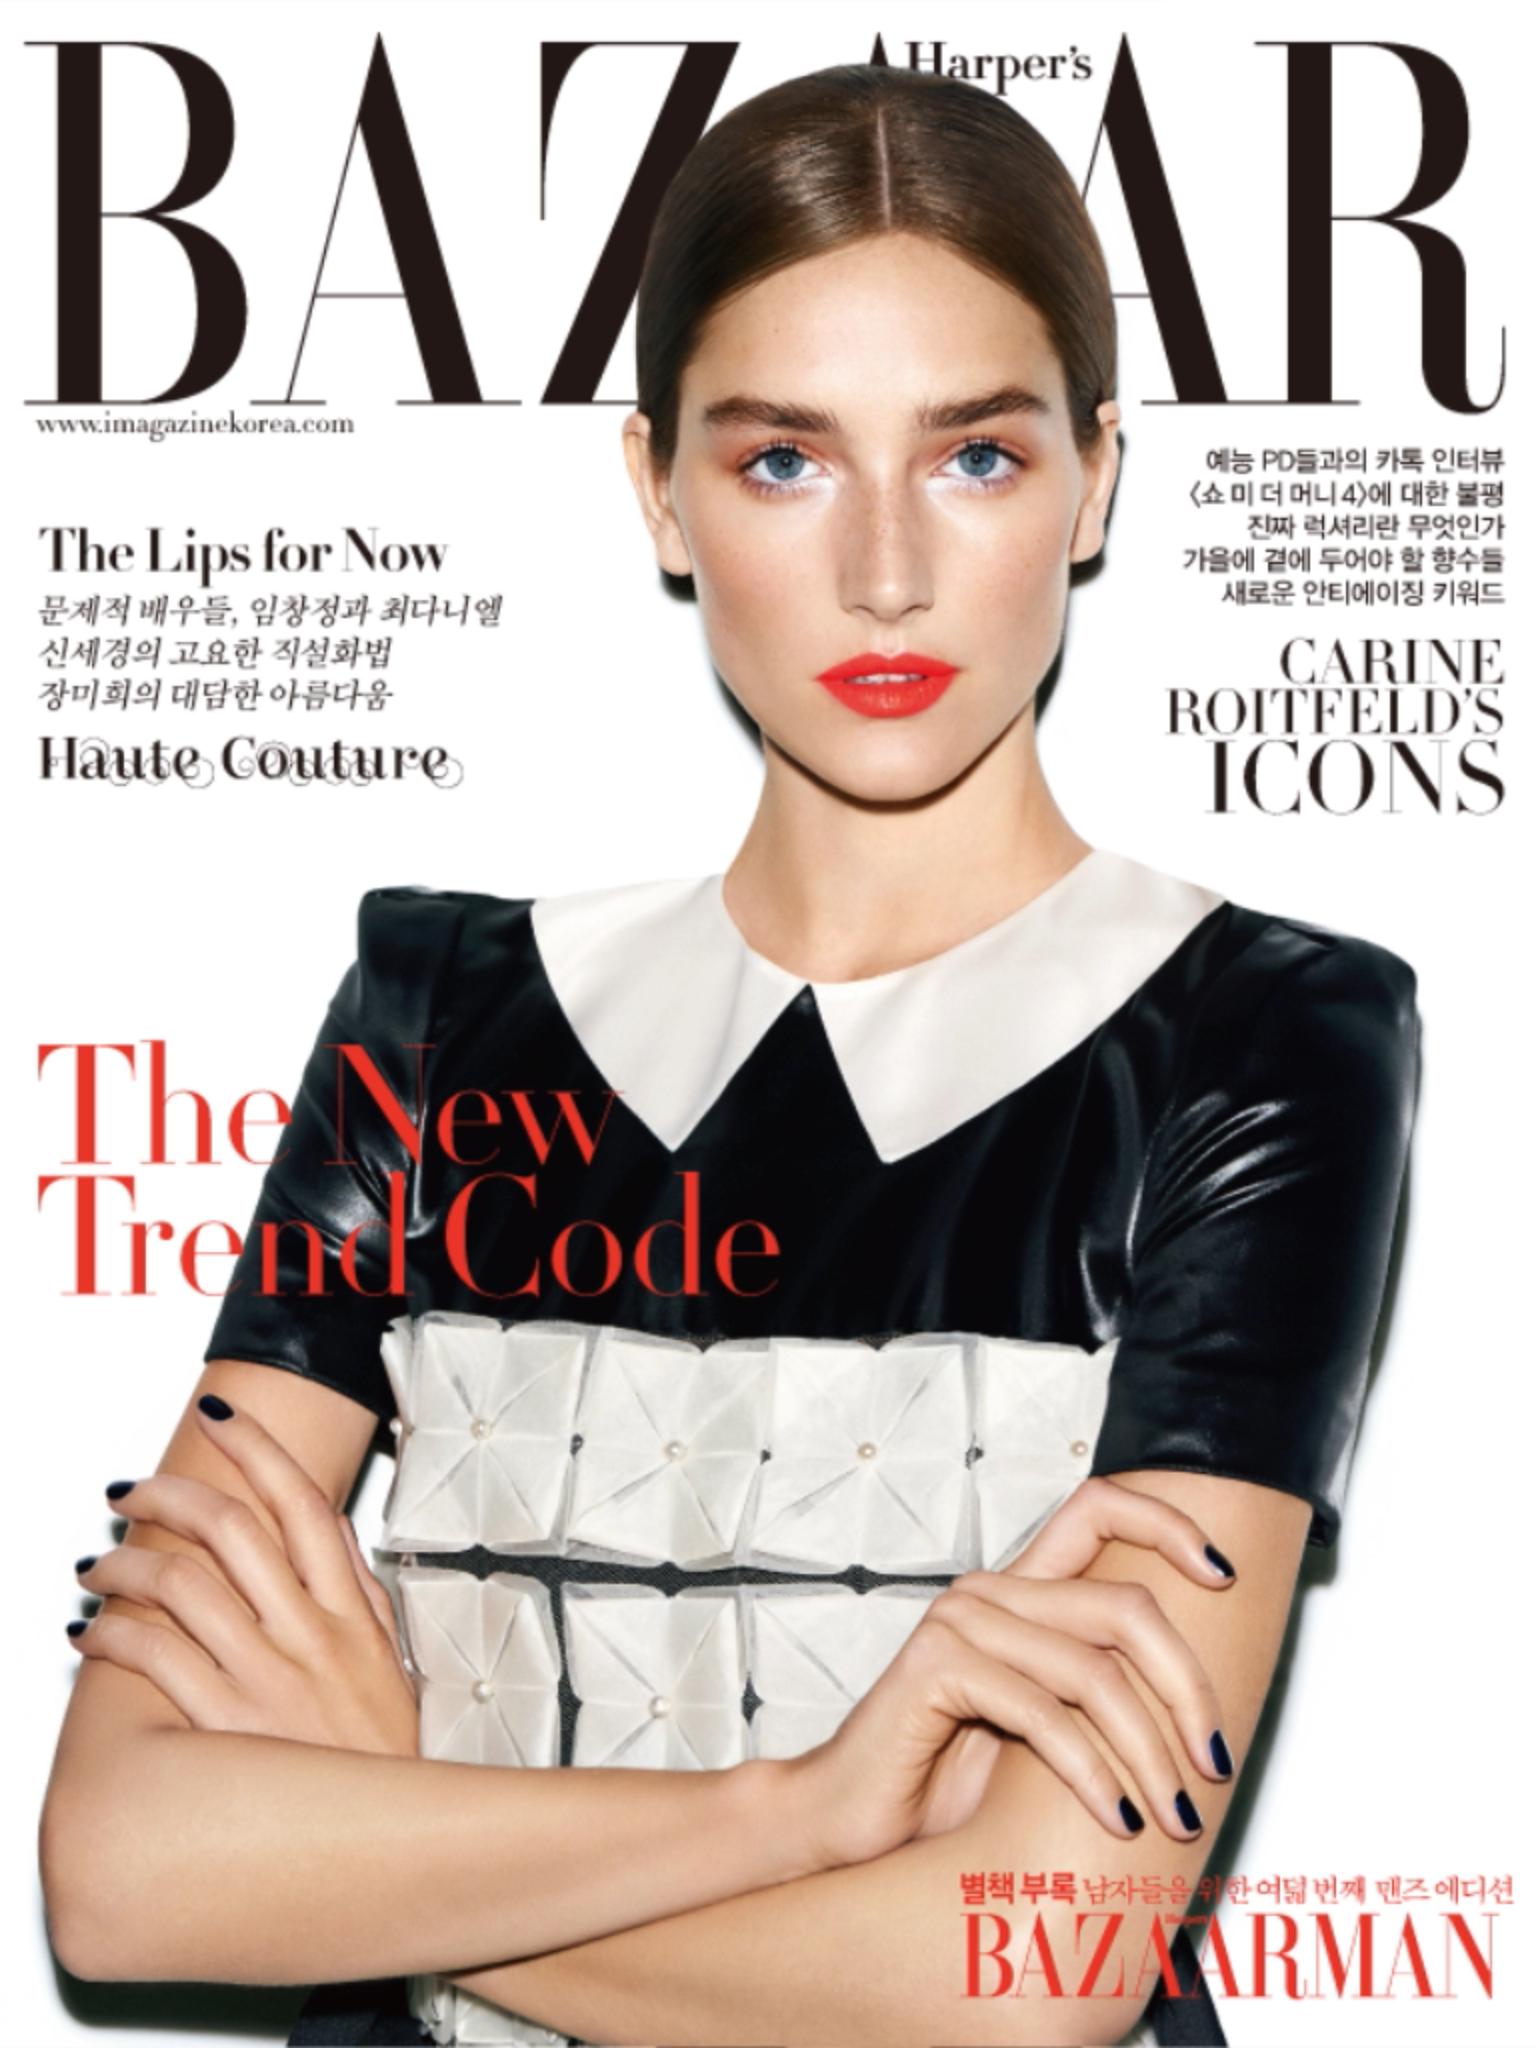 [모드곤] Harper's BAZAAR 박은지의 뷰티 노하우 Sep 2015 | modgone       Harper's BAZAAR 스타일리스트 컨택으로 커스텀쥬얼리 모드곤 제품이 촬영 되었습니다  박은지의 뷰티 노하우  www.modgone.com